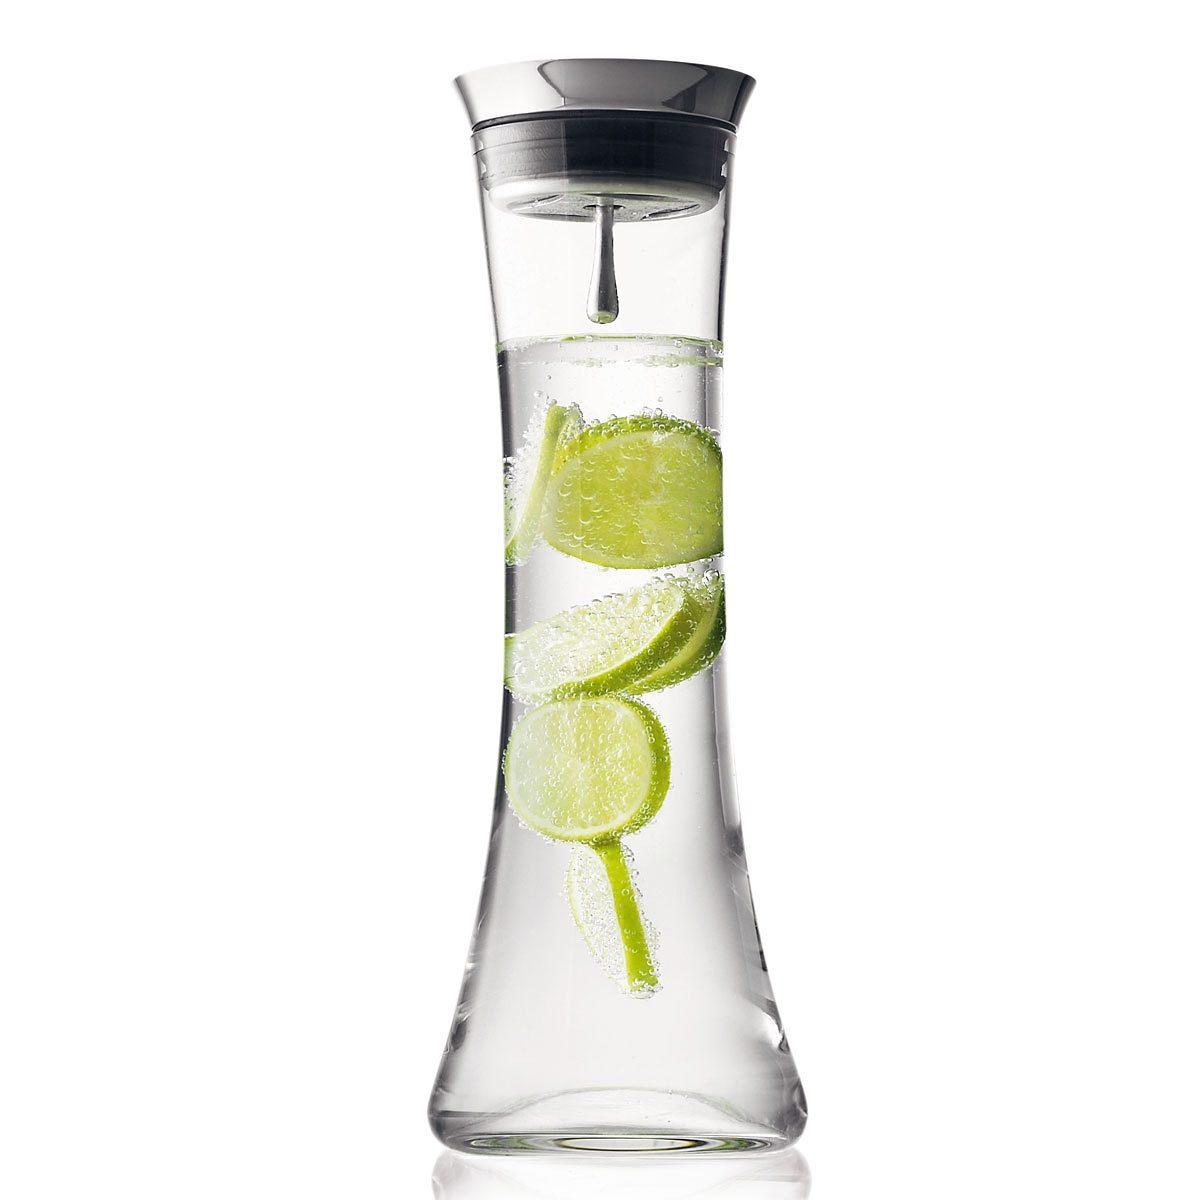 MENU Menu Wasserkaraffe WELLNESS 1.3L